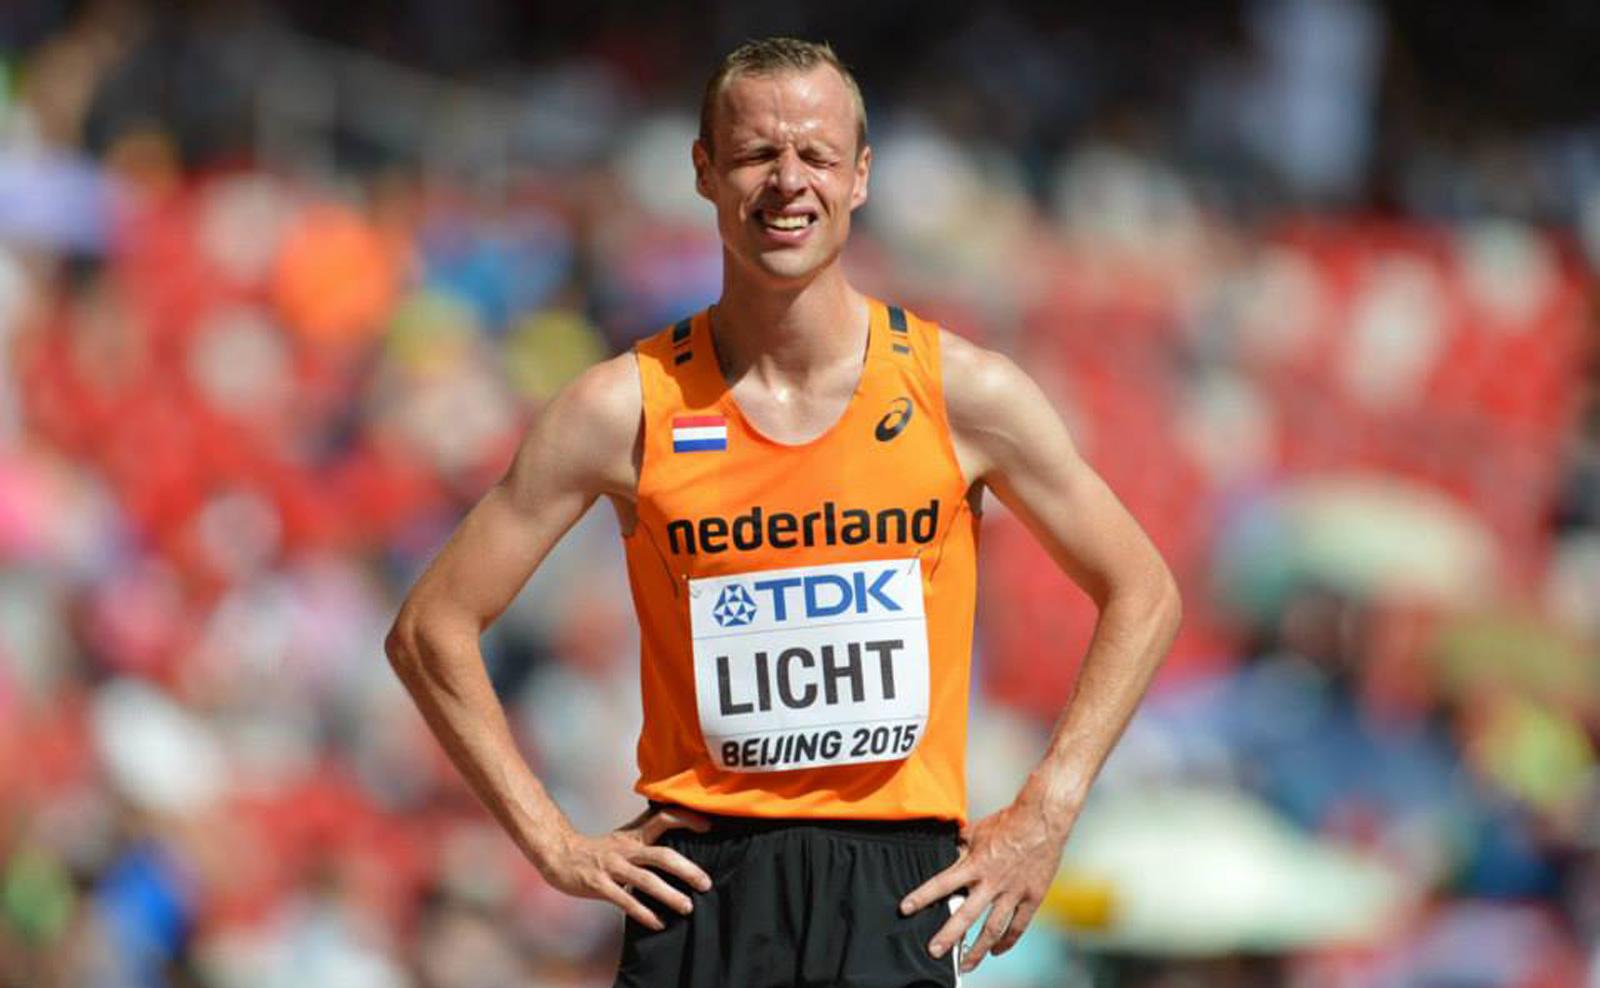 Dennis-Licht-run2day-1